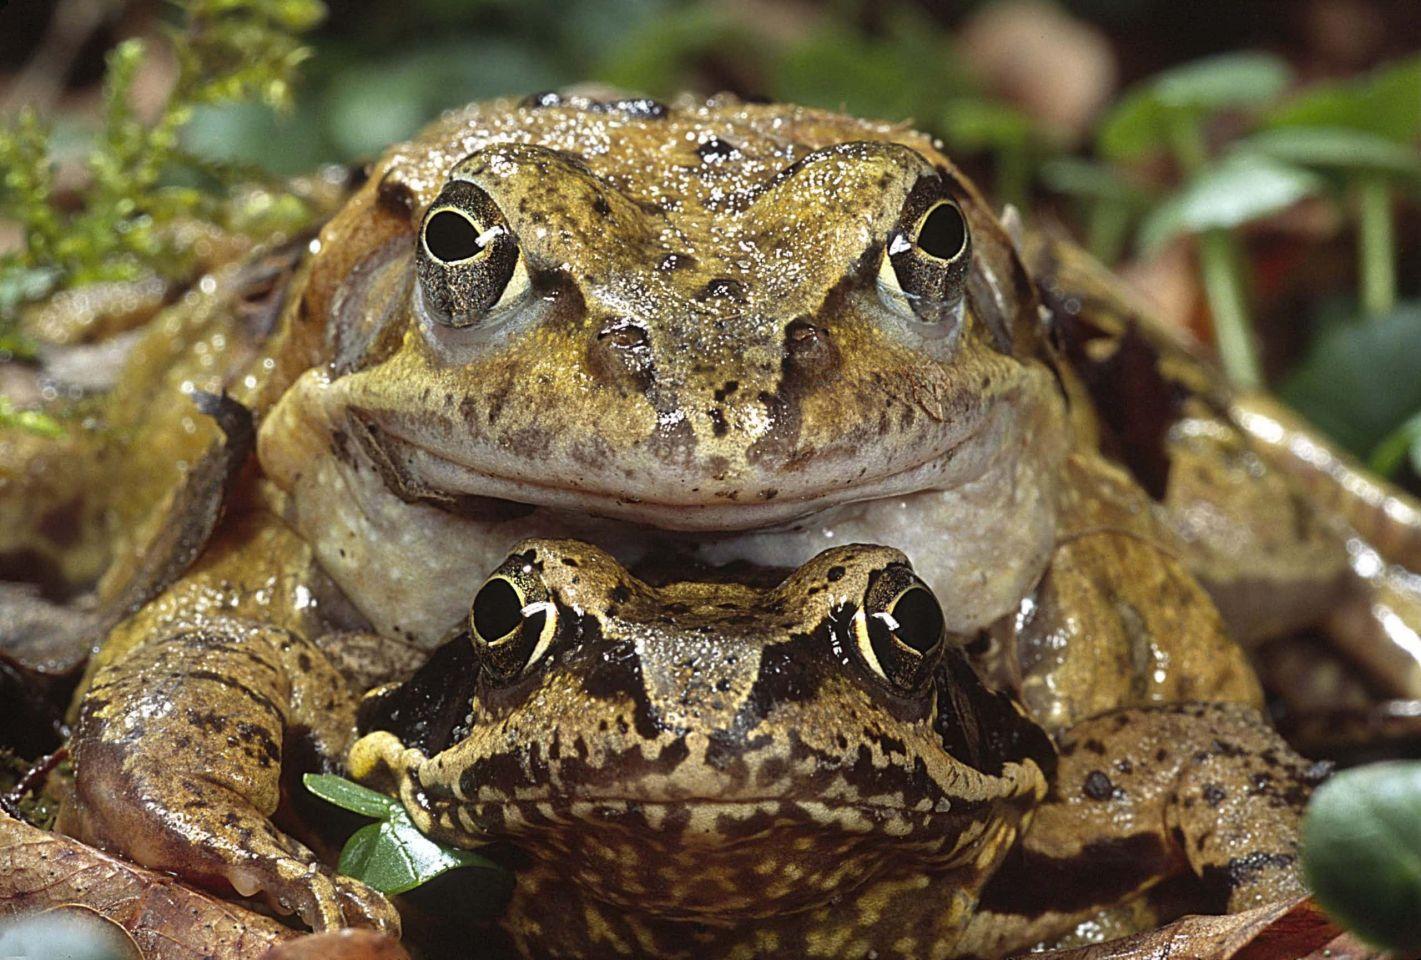 Amphibienwanderung: Frösche und Kröten hüpfen durch den Landkreis